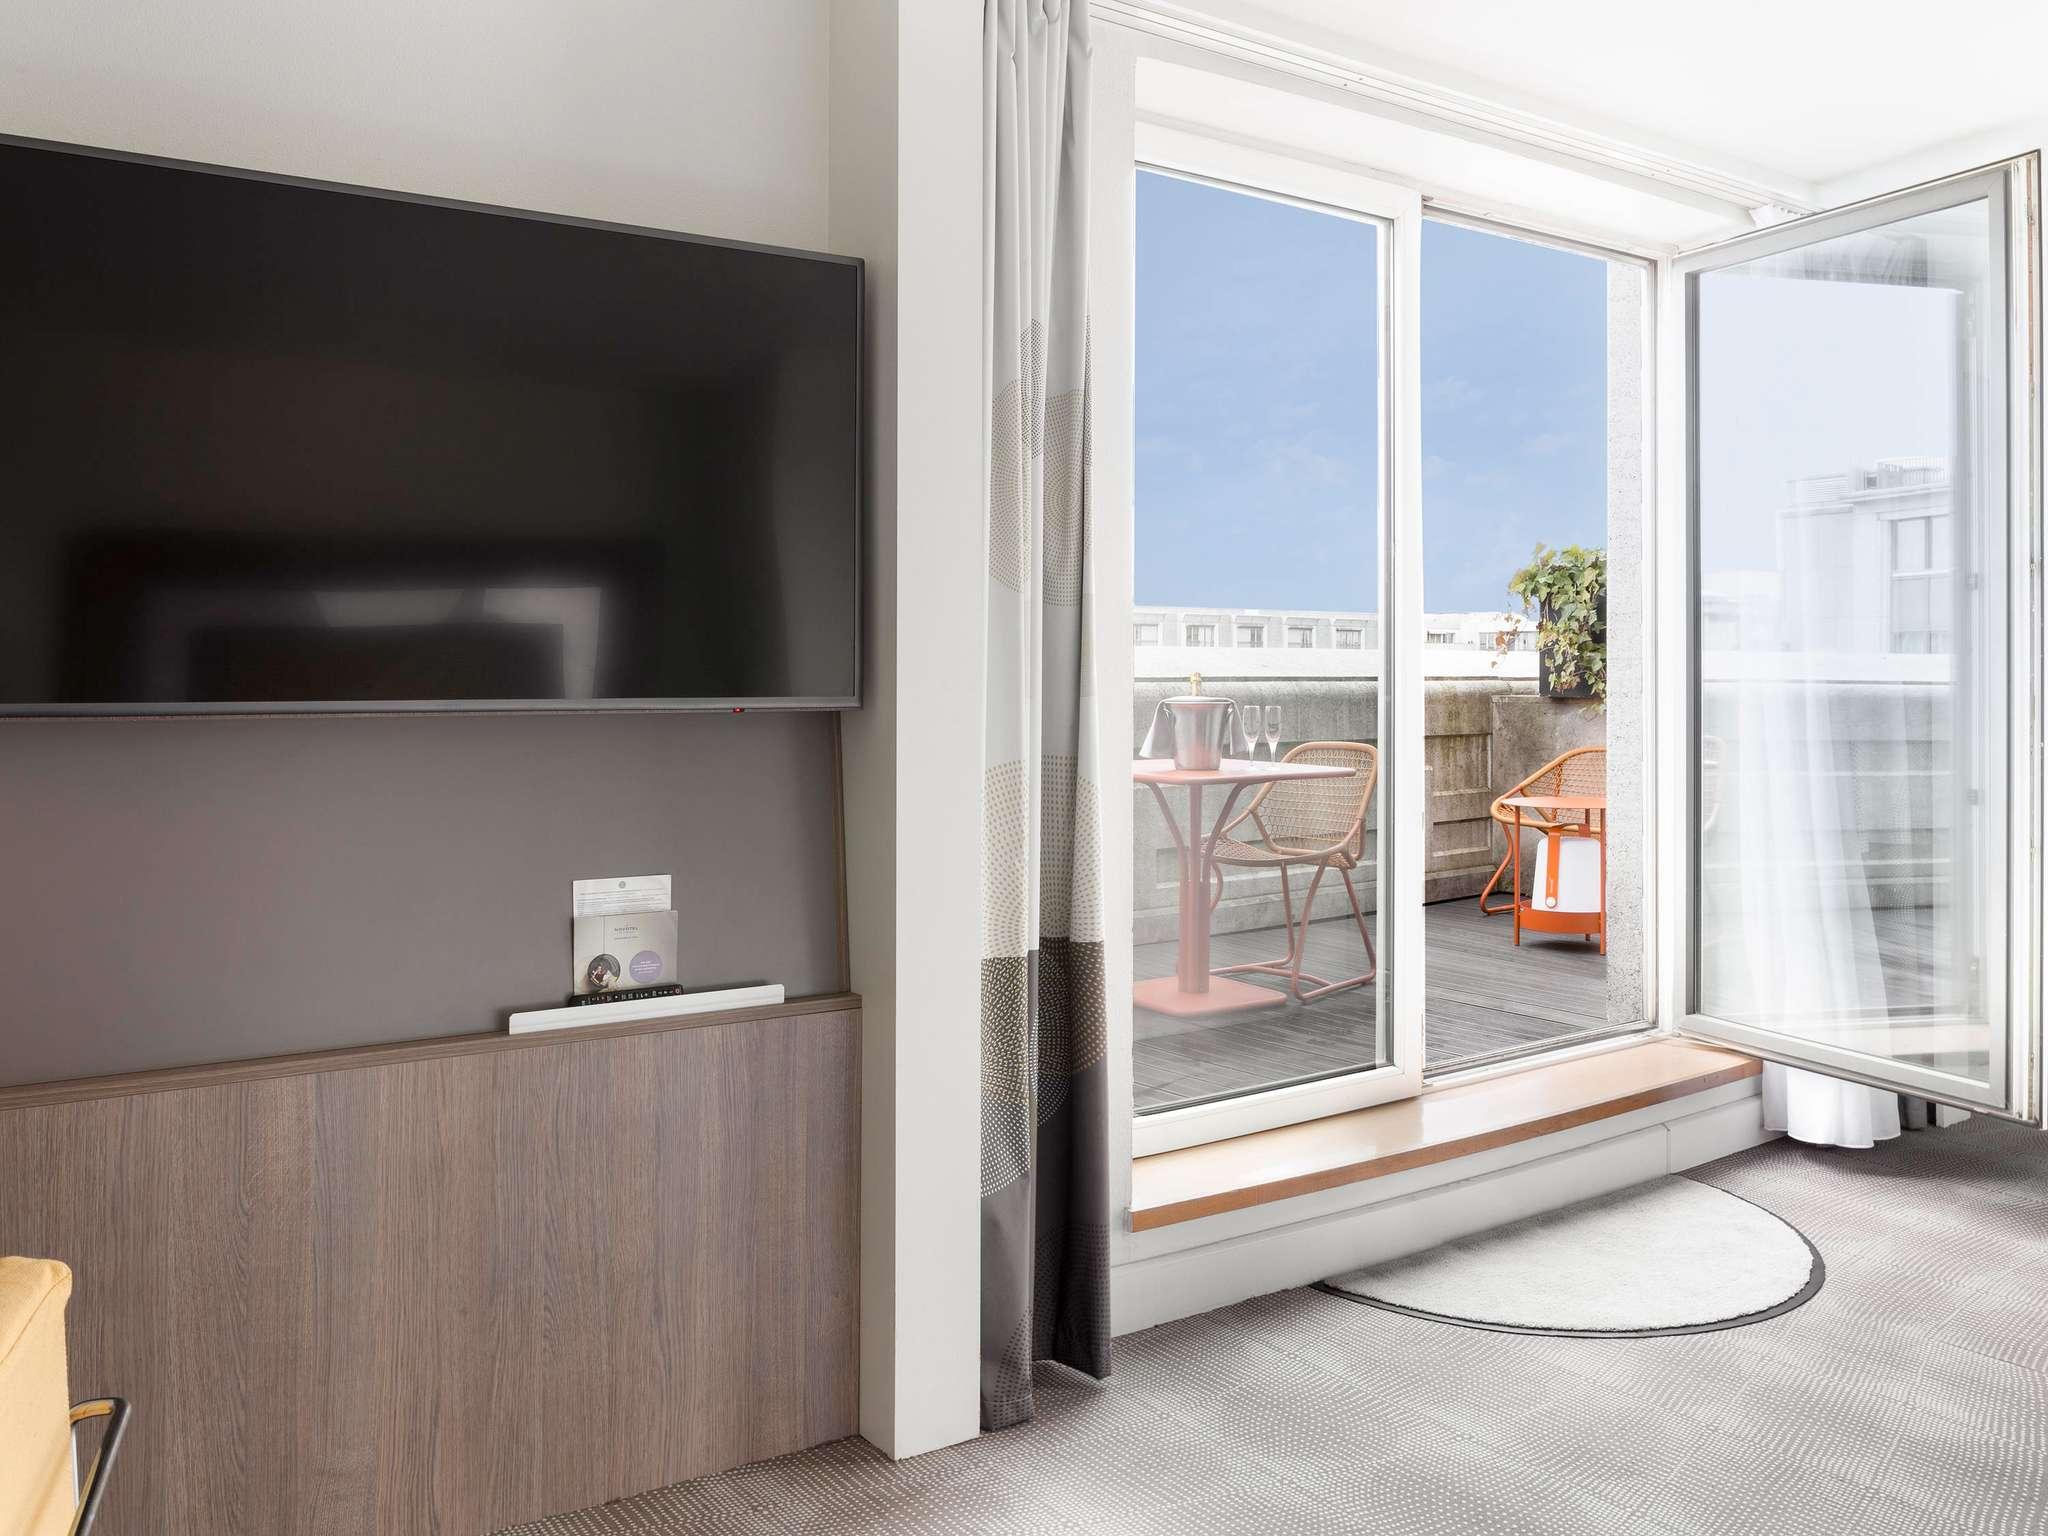 Hotel in PARIS - Novotel Paris Gare de Lyon on